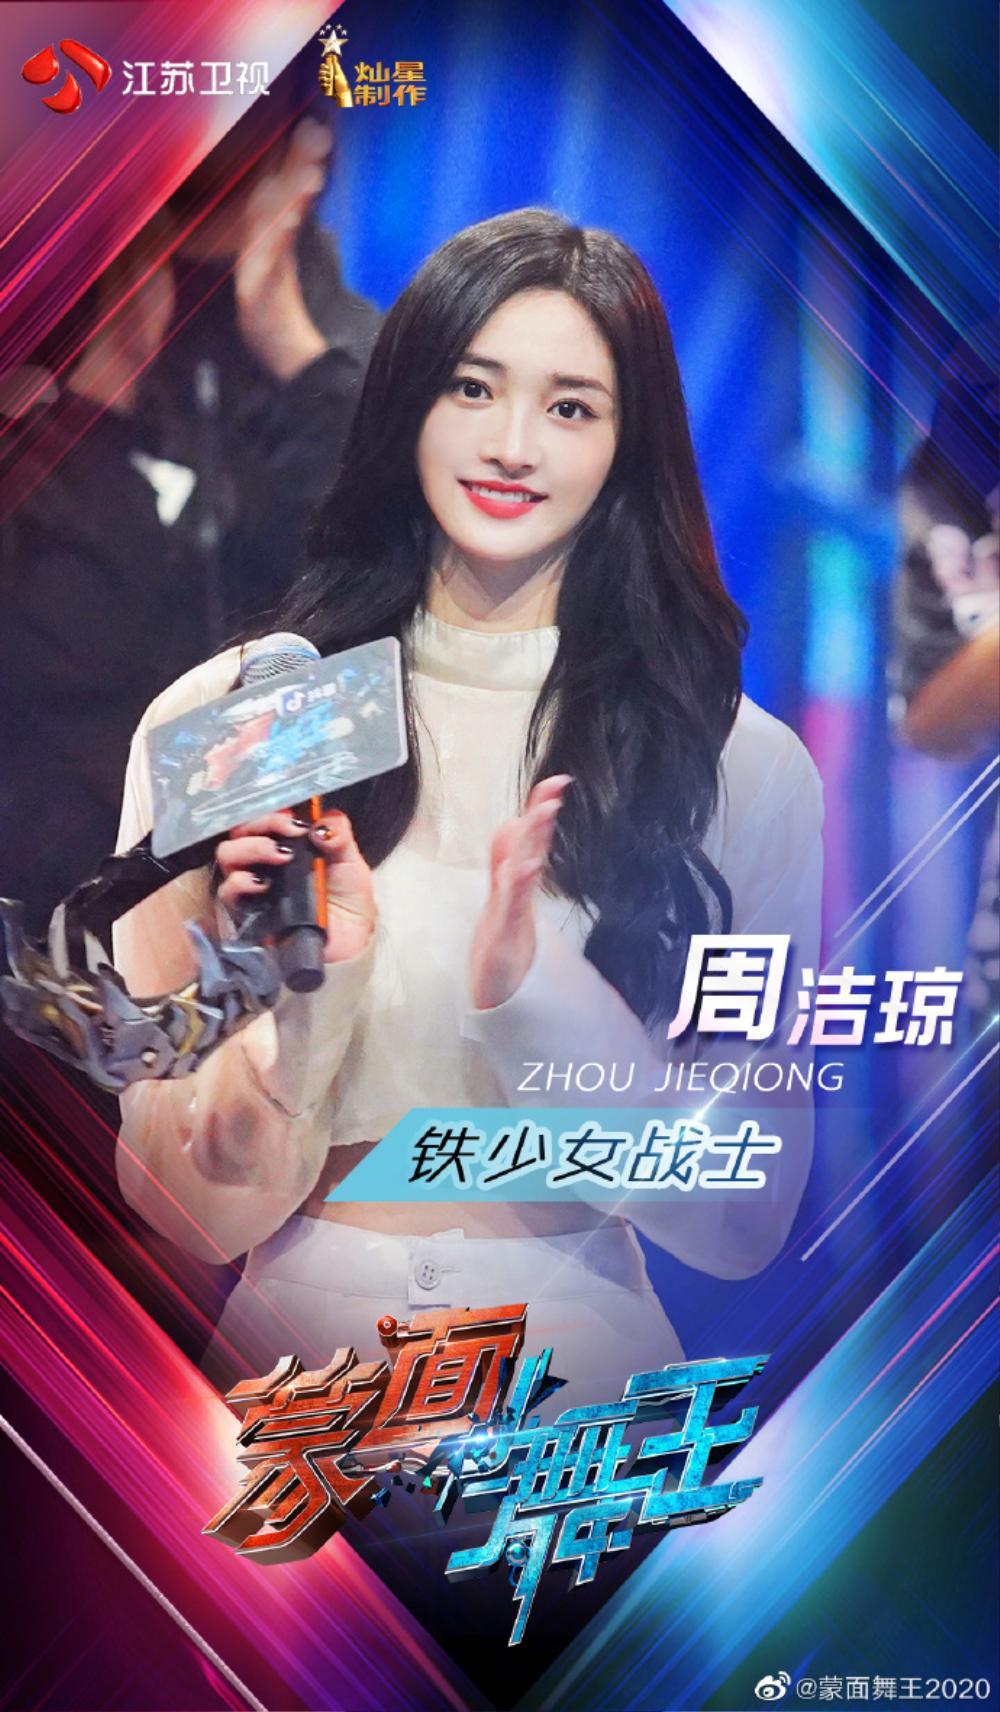 Mạnh Mỳ Kỳ, Lưu Vũ Hân công khai 'diss' nhau trên sóng truyền hình Ảnh 14